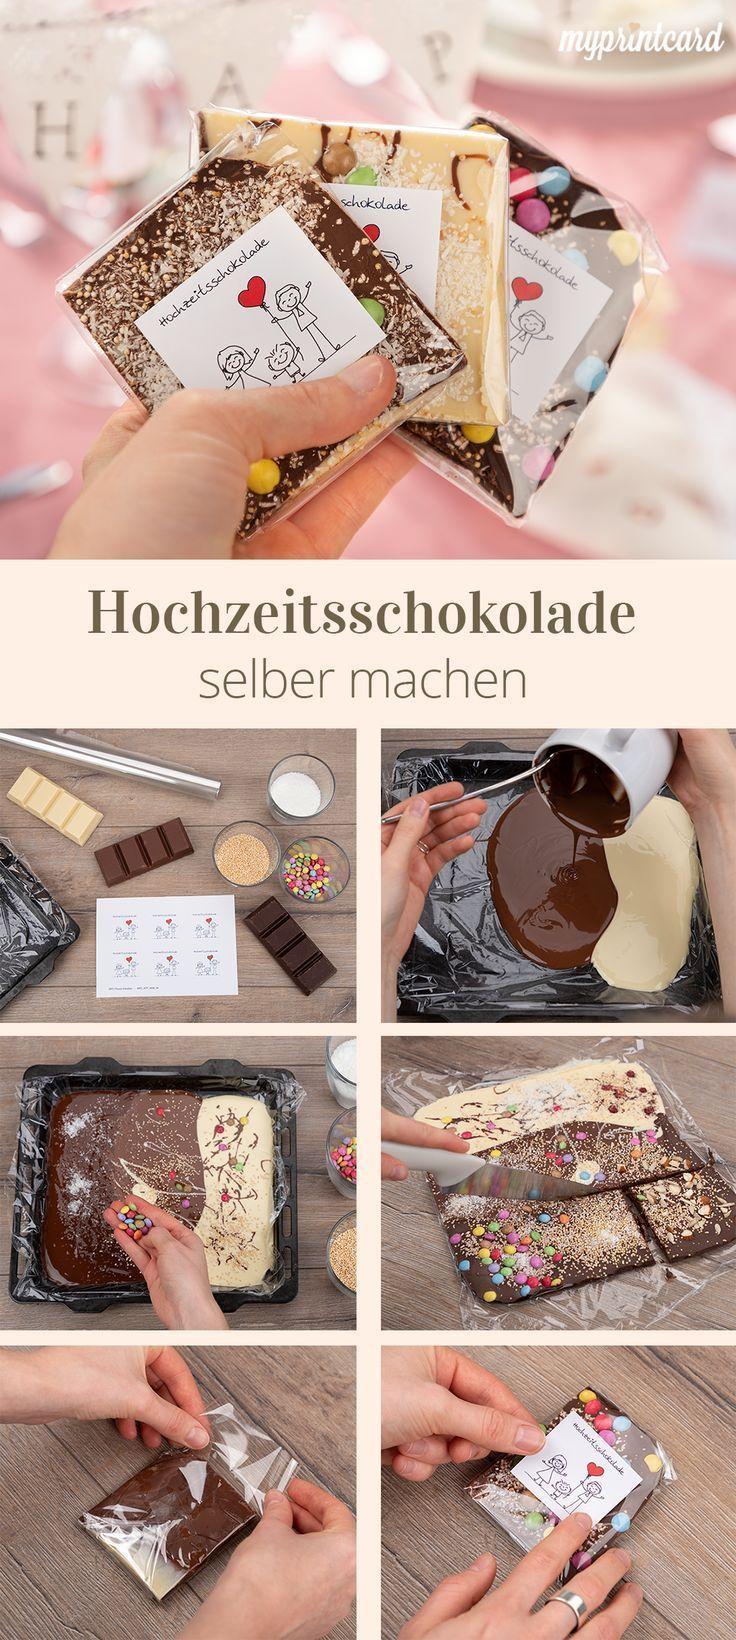 Hochzeits-Schokolade als süßes Gastgeschenk zum Selbermachen #dekoration